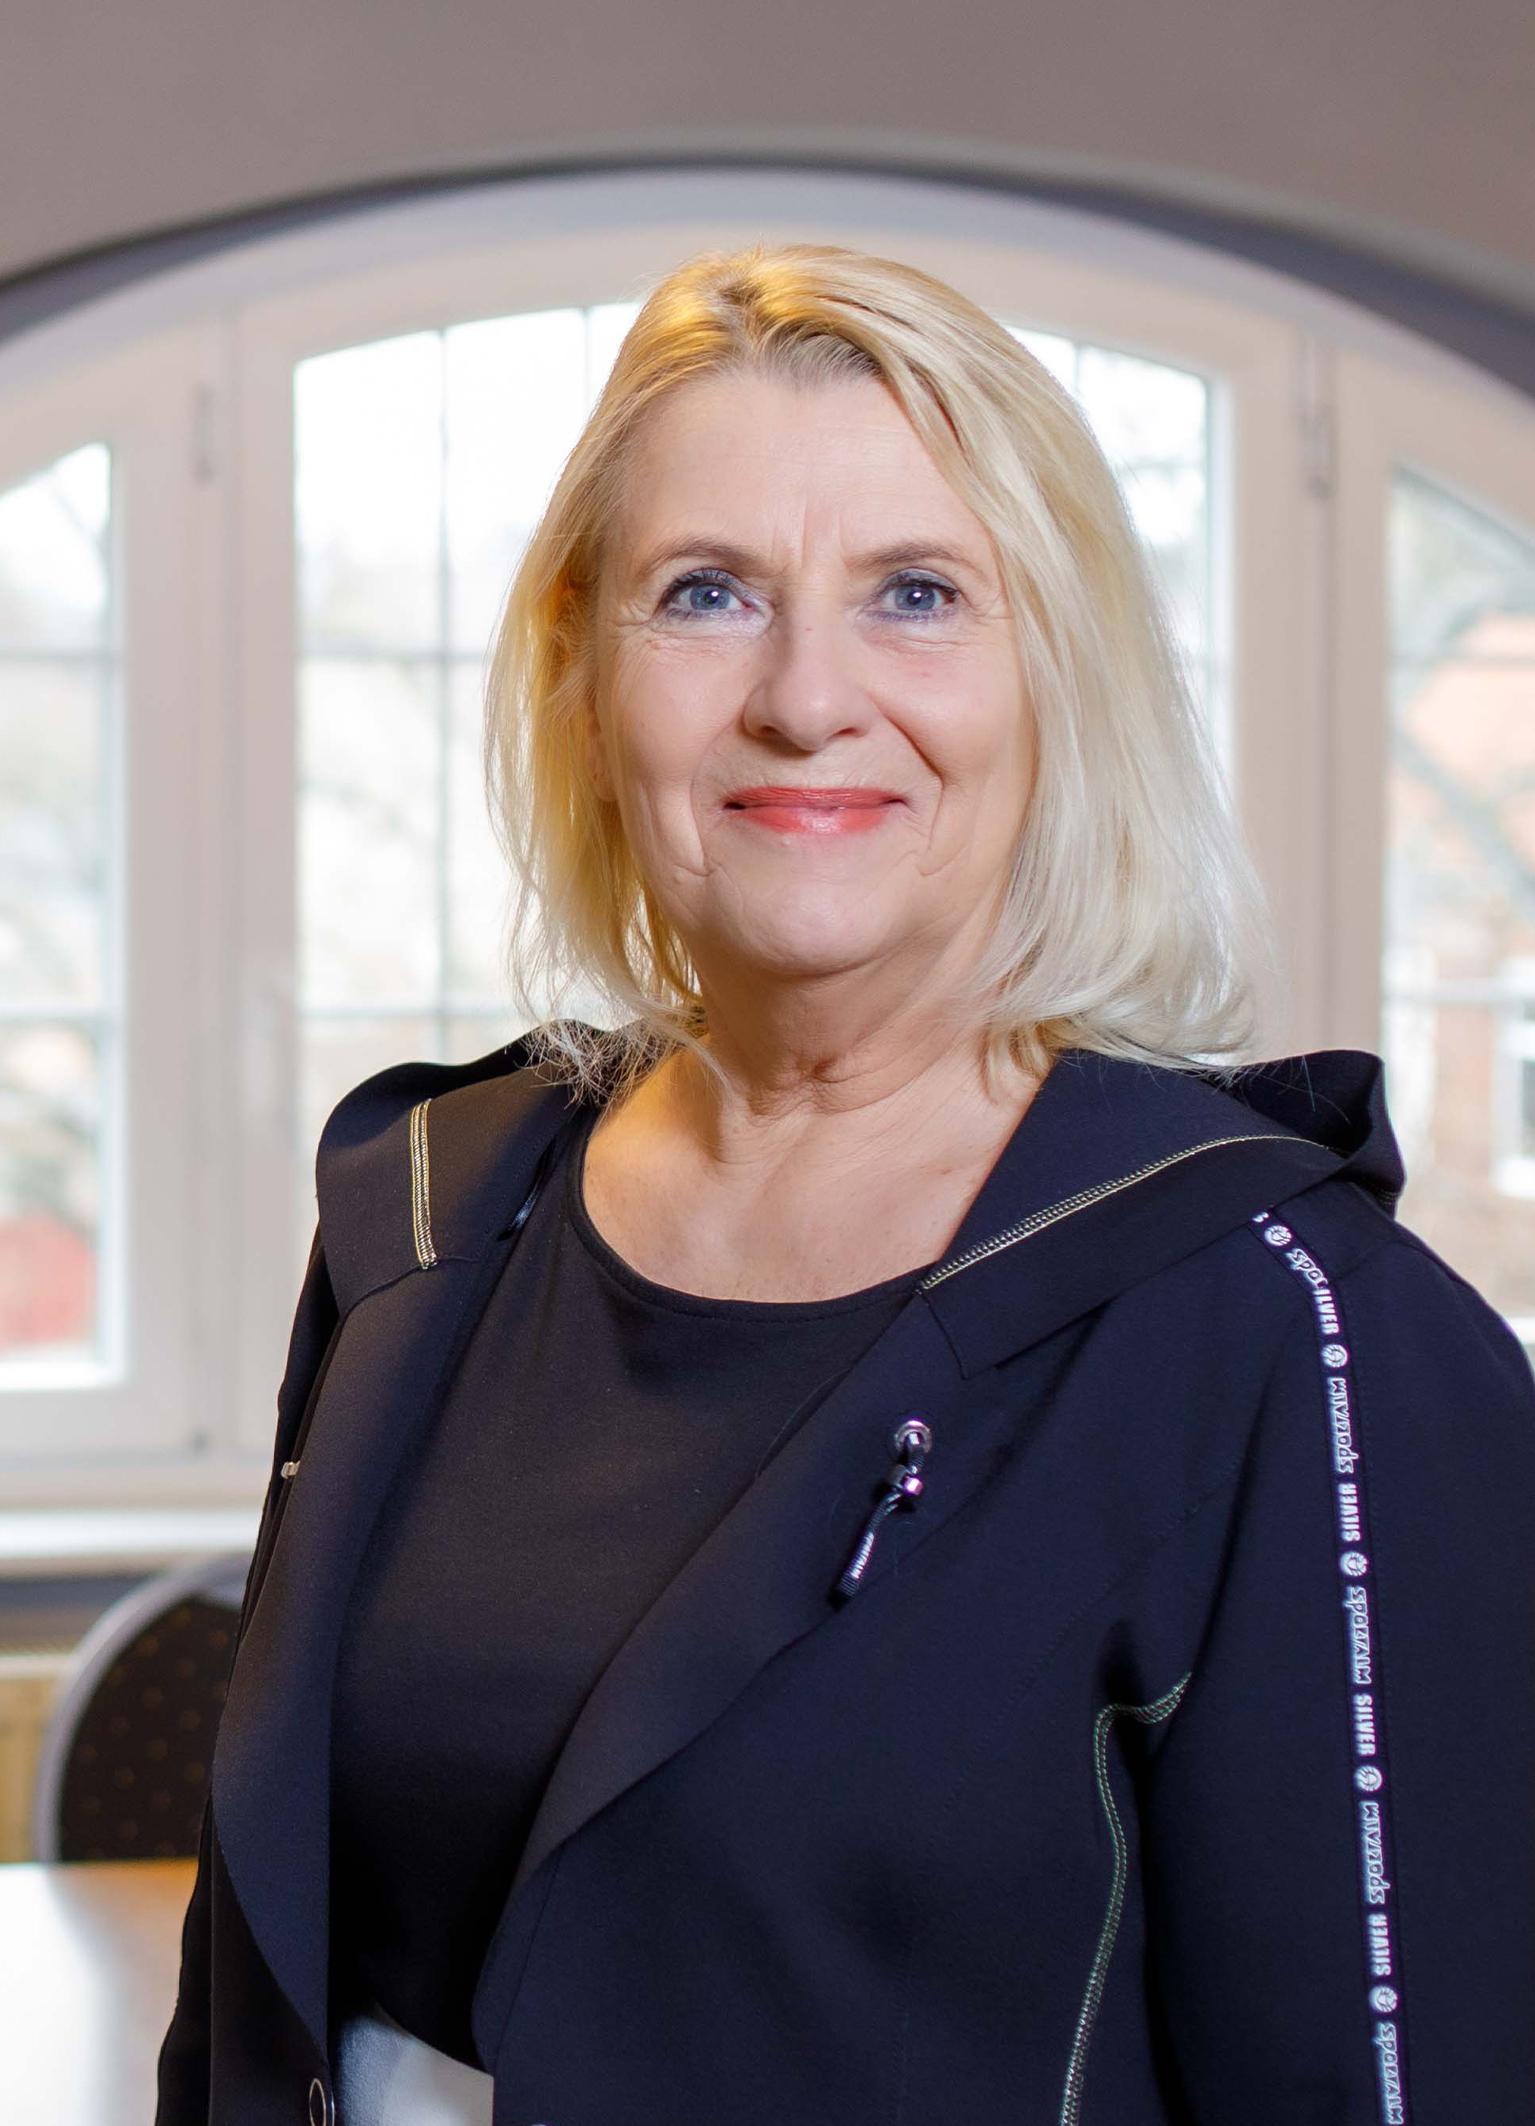 Frau Jankowski